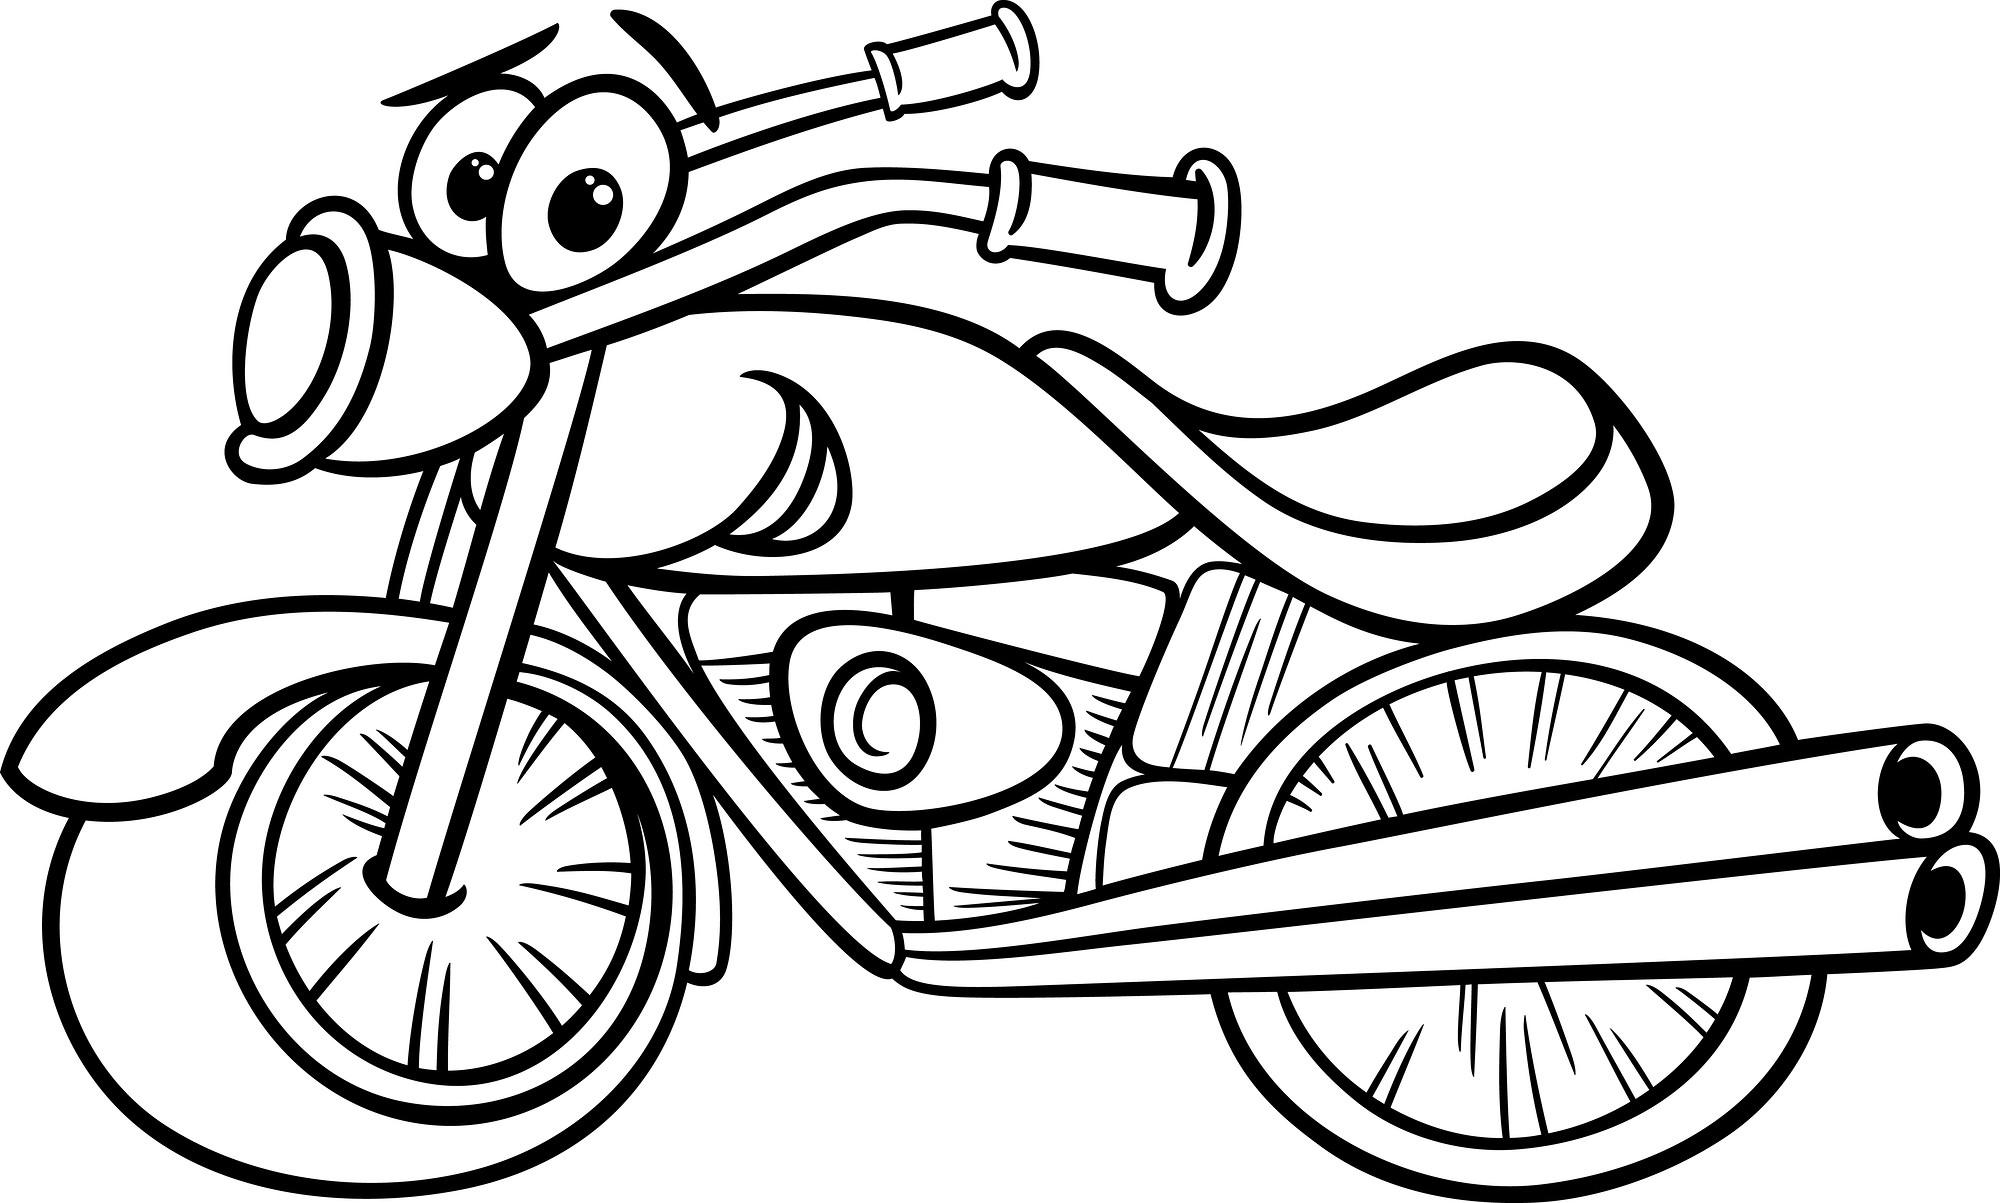 2000x1203 Motor Cycle Coloring Page Wagashiya